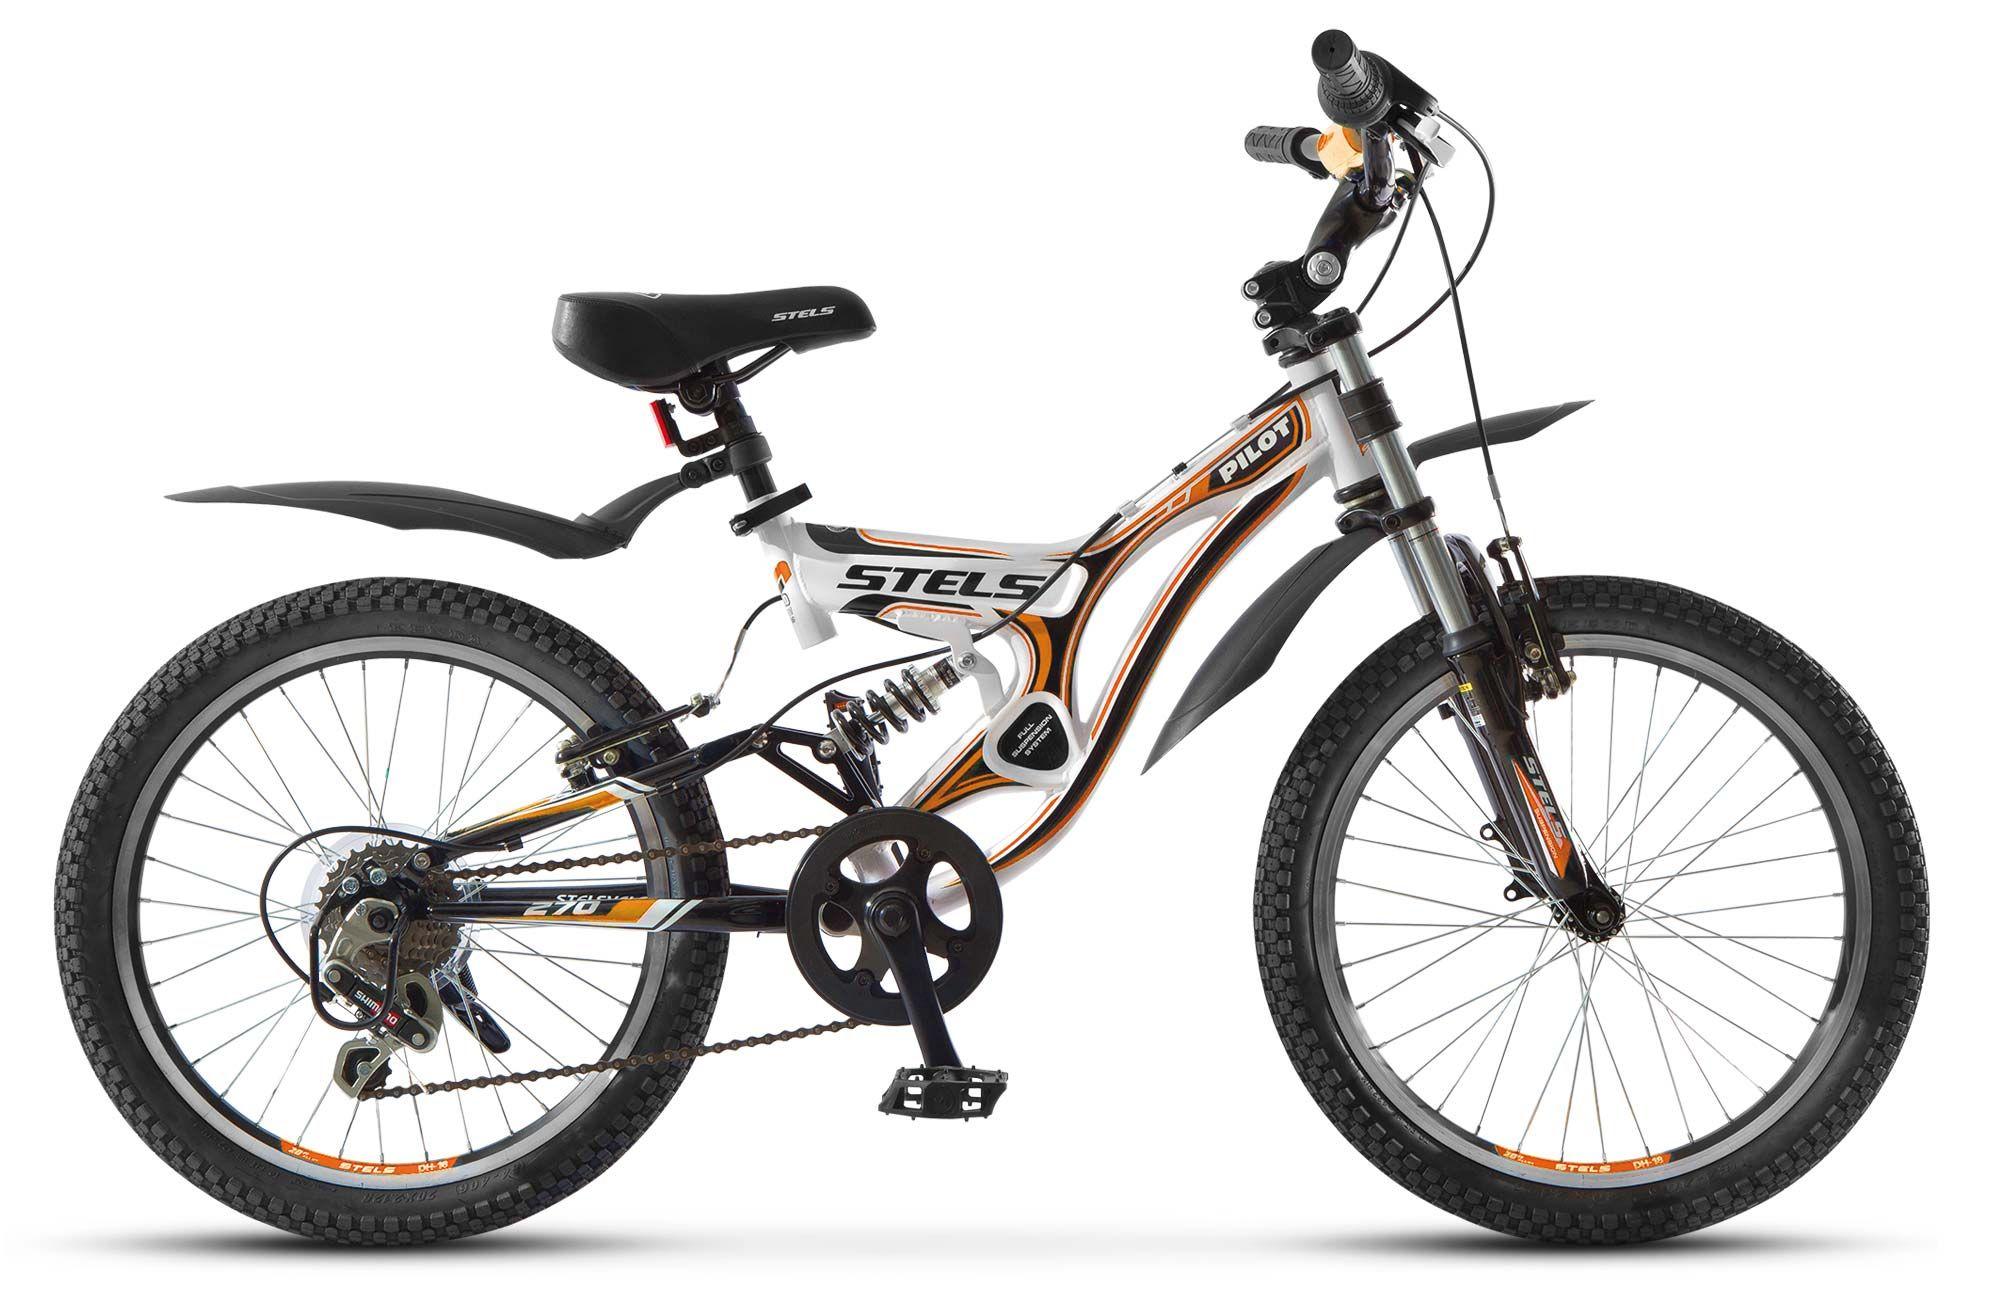 Велосипед Stels Pilot 270 2015